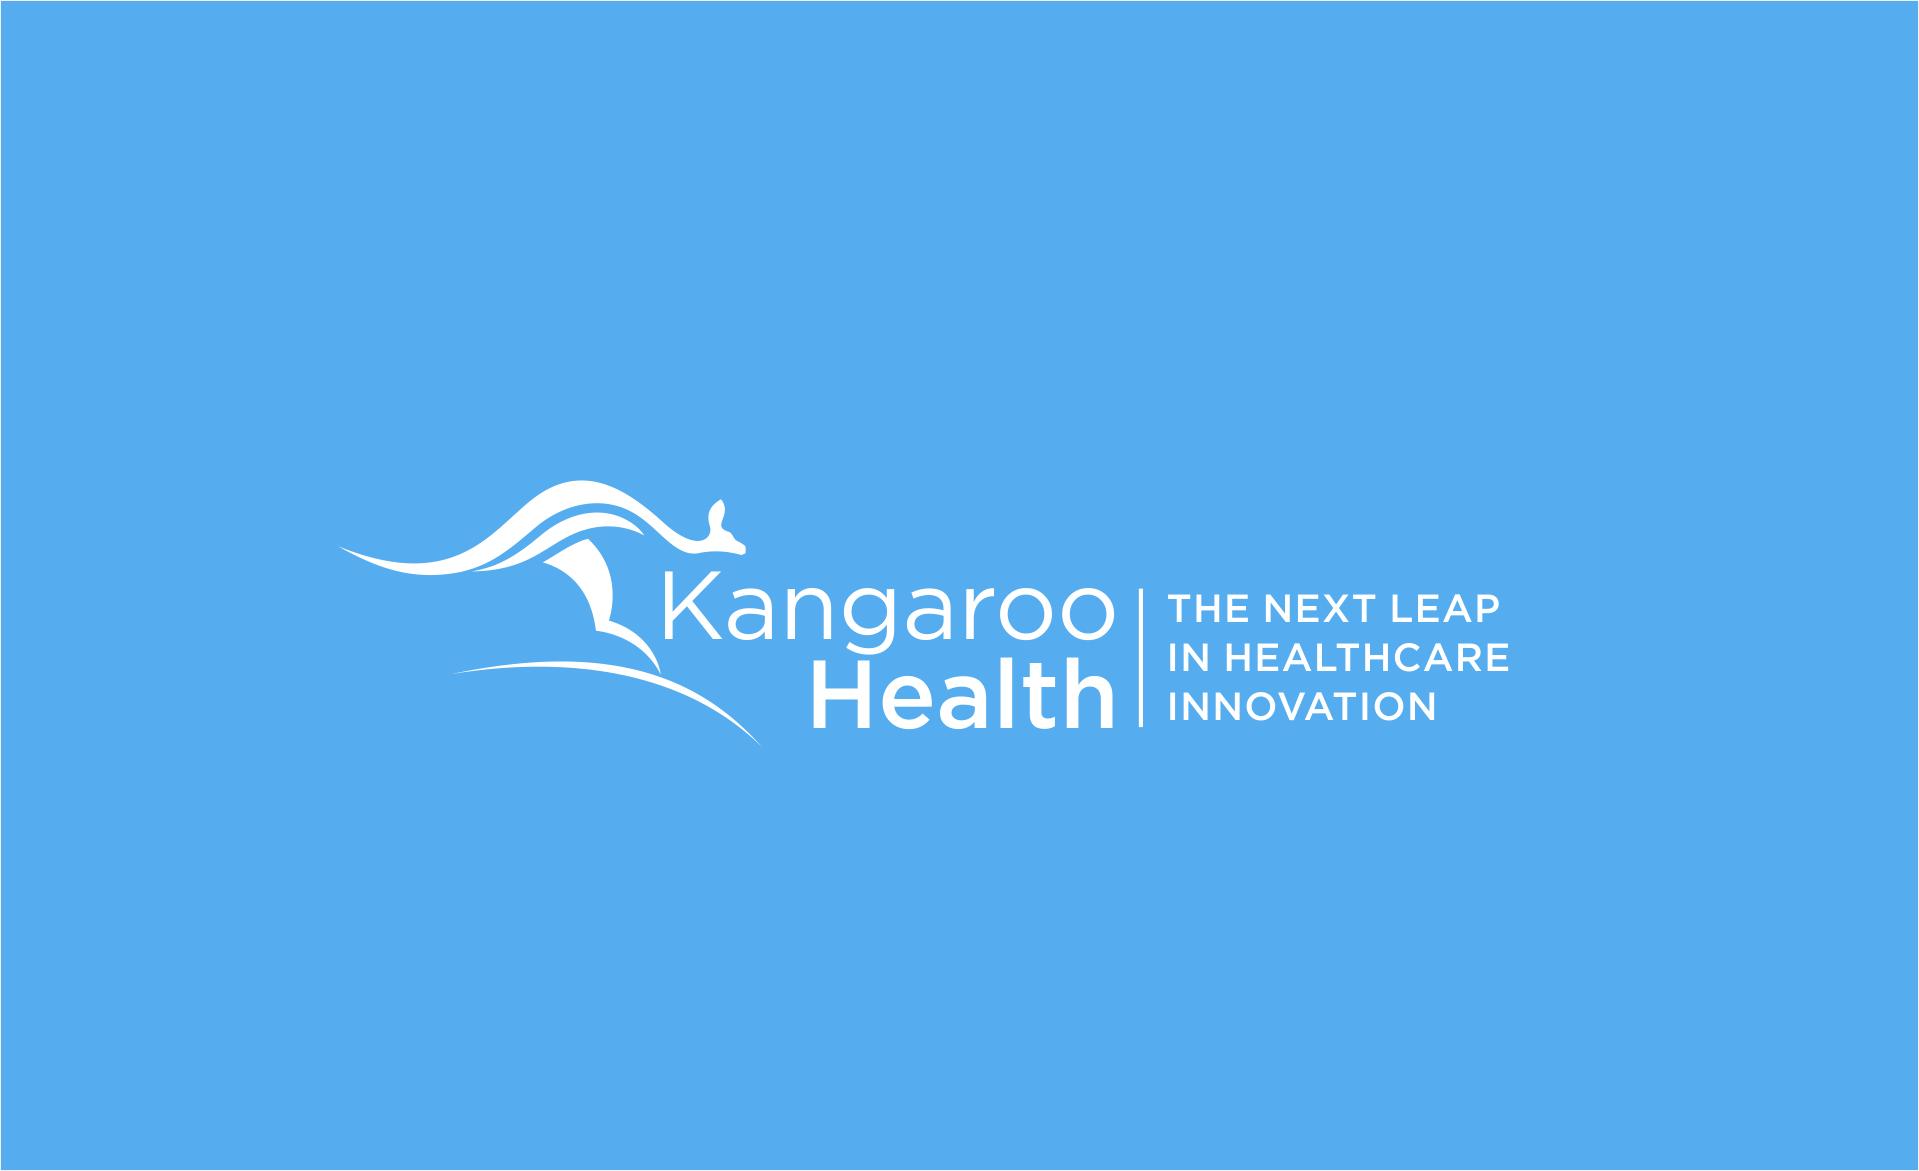 Kangaroo Health